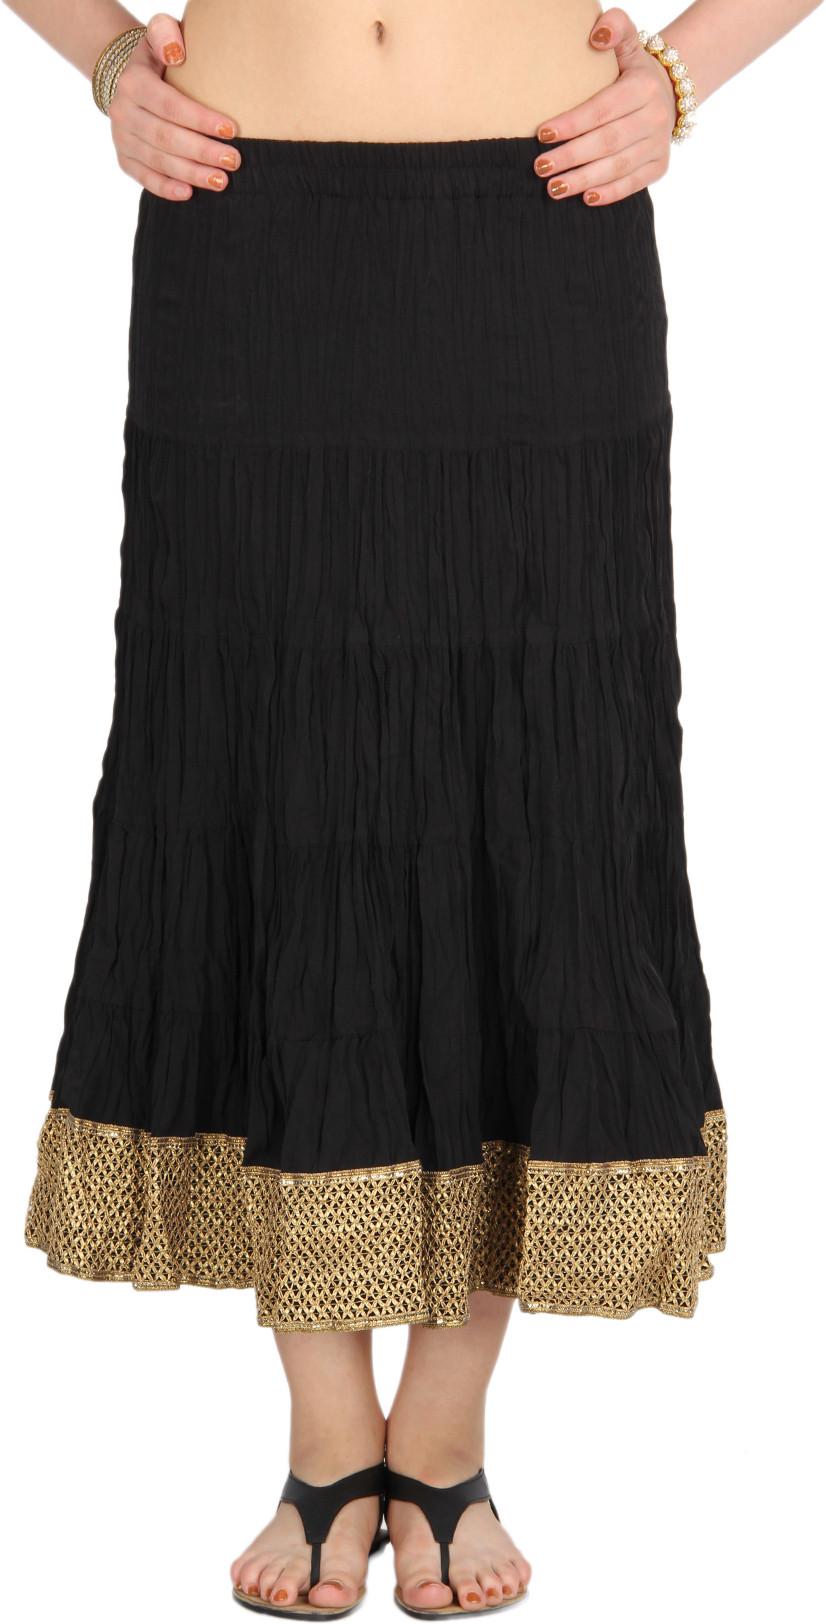 Mina Bazaar Self Design Womens A-line Black, Gold Skirt